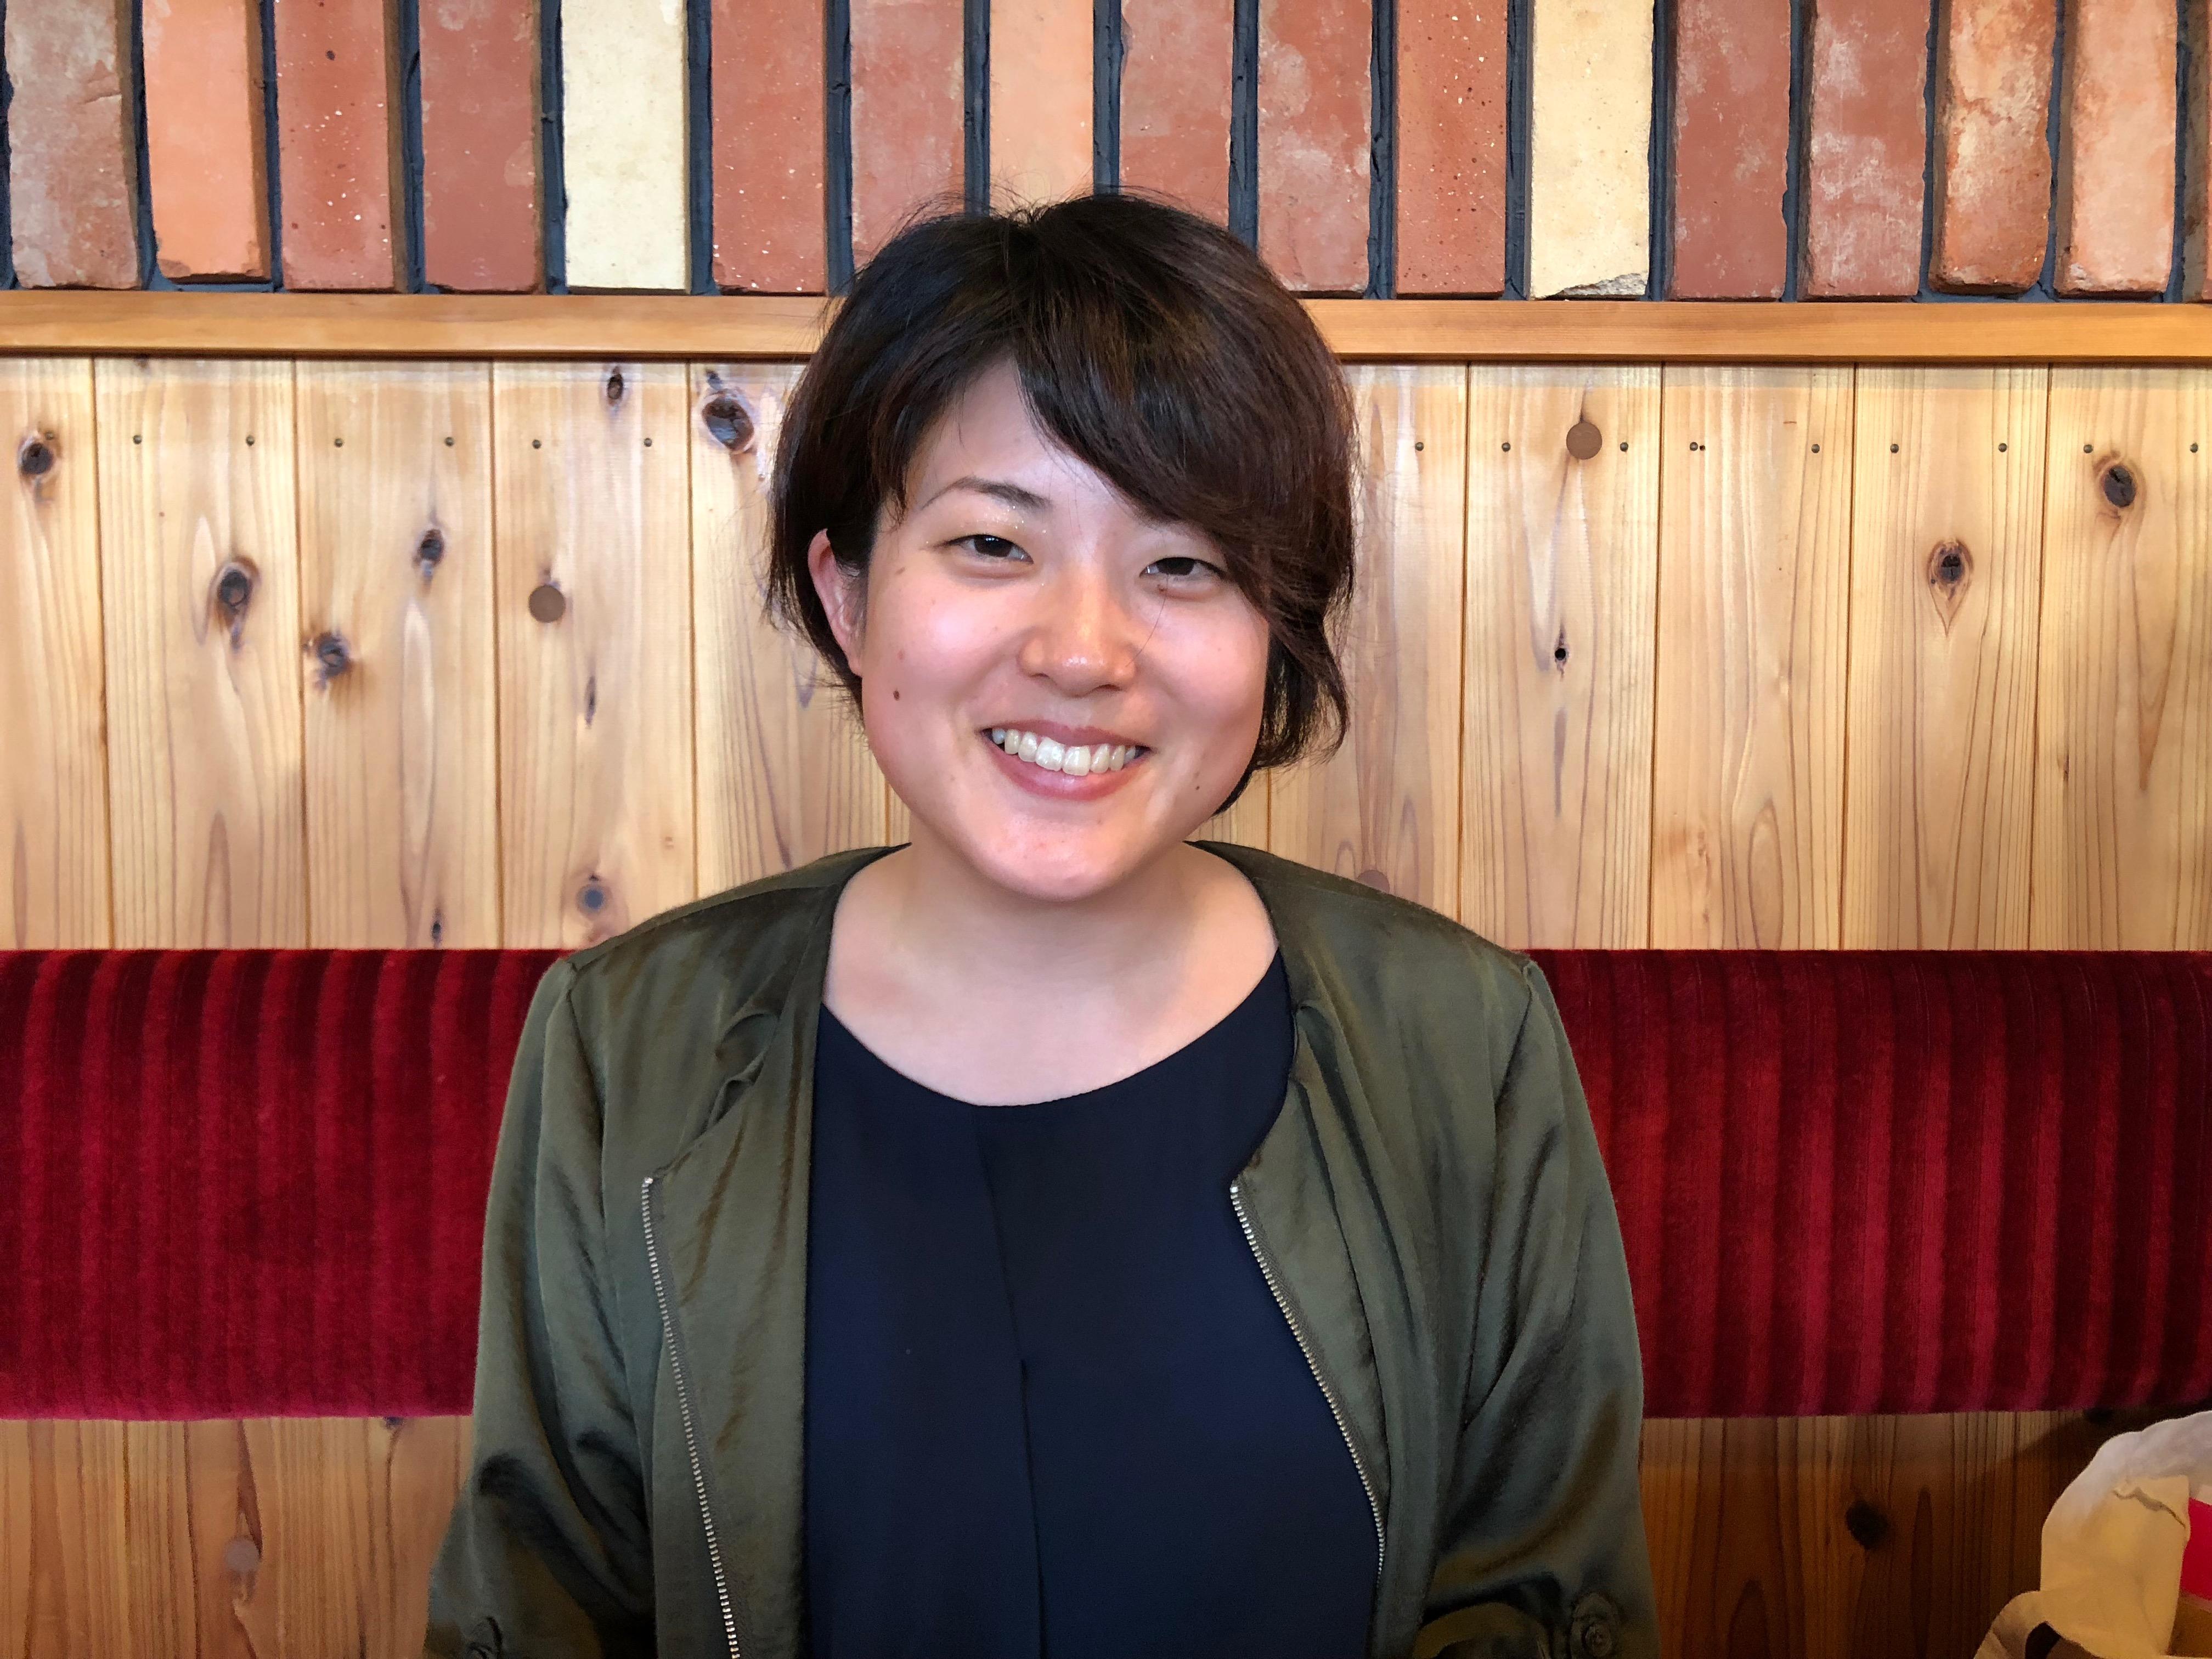 Mai 英語+英語教授法を学びます! 日本の塾で役立てます!